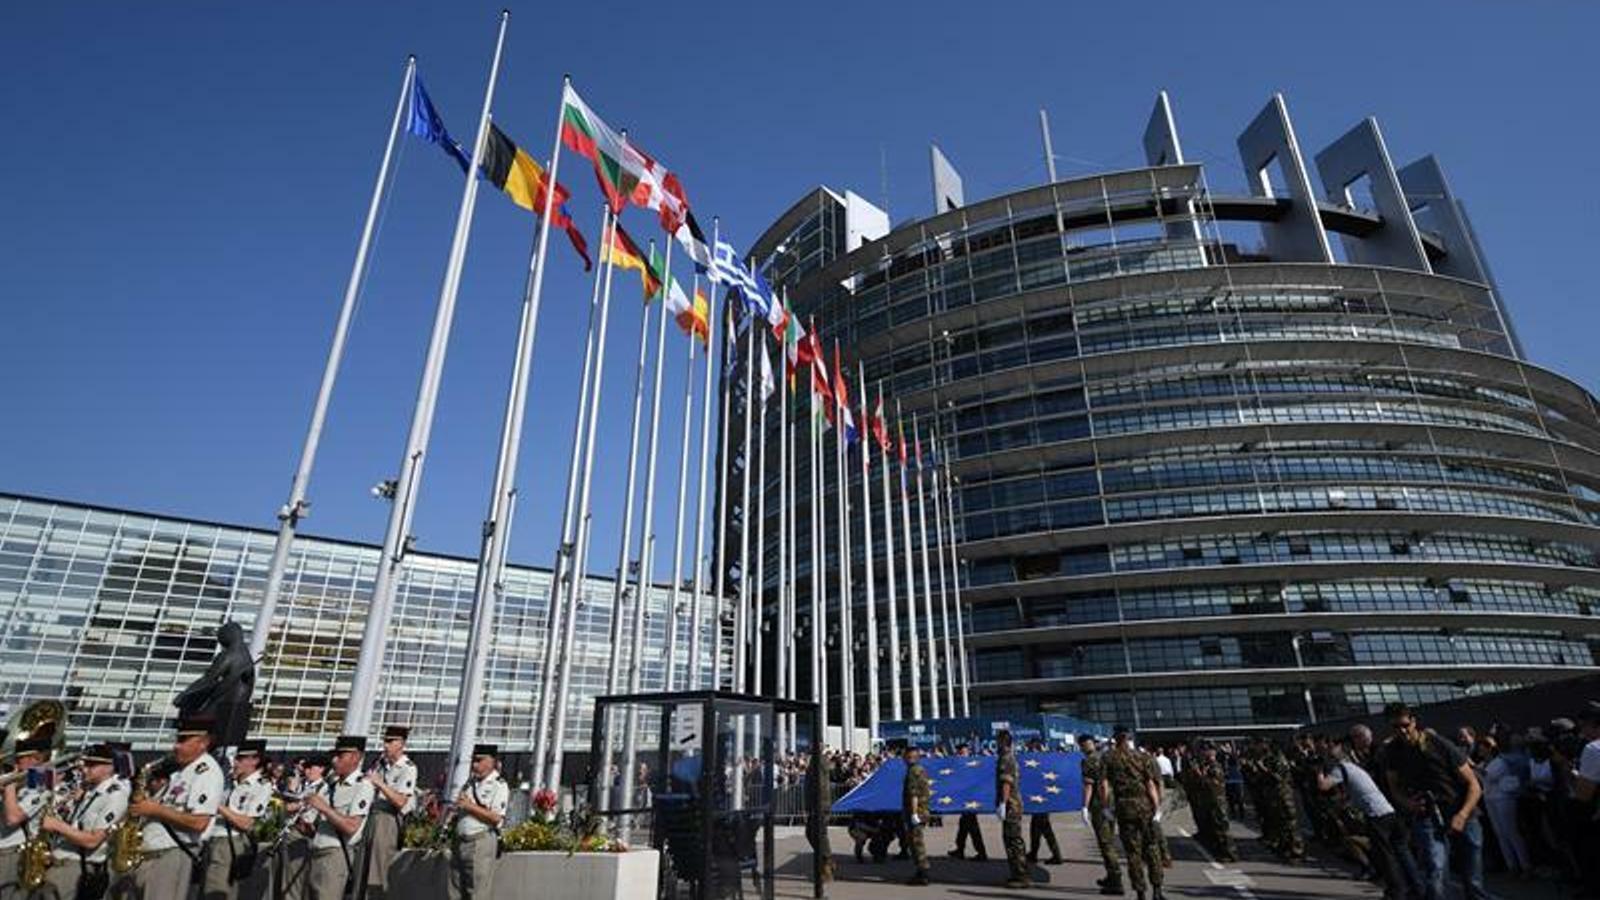 Arrenca la sessió constitutiva del Parlament Europeu amb l'absència de Puigdemont, Comín i Junqueras